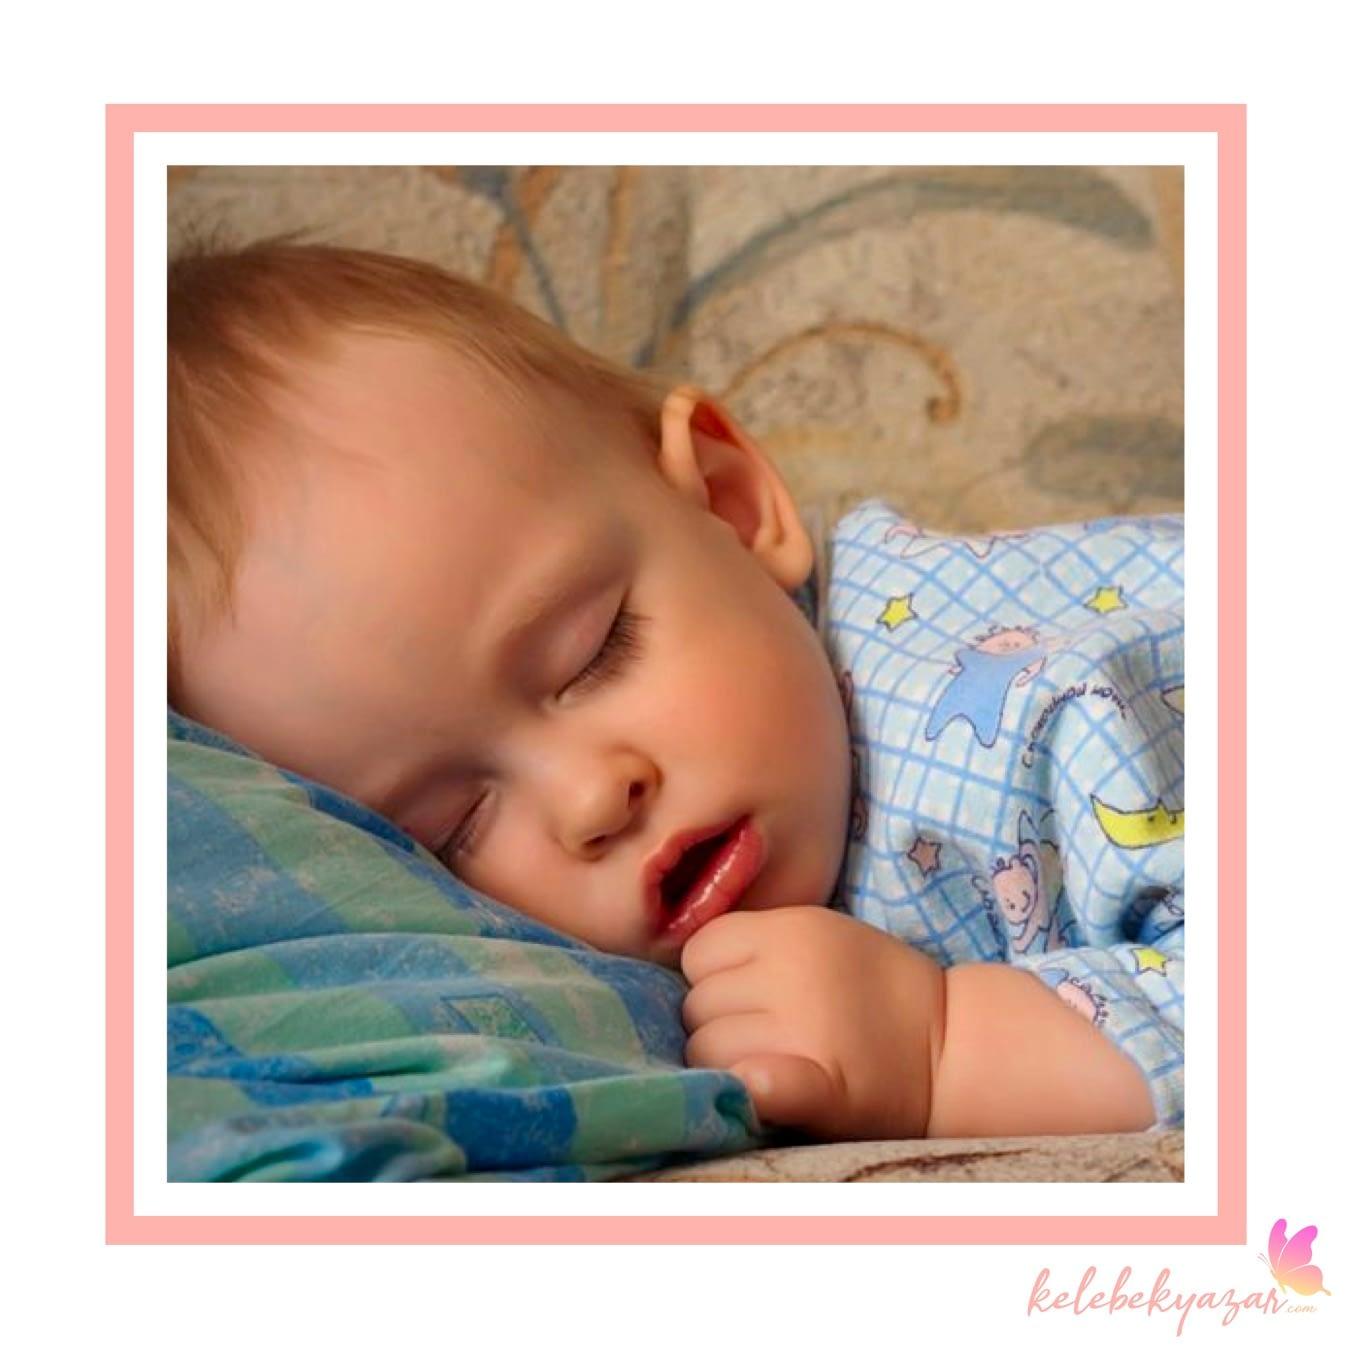 Çocuklar neden ağzı açık uyur?